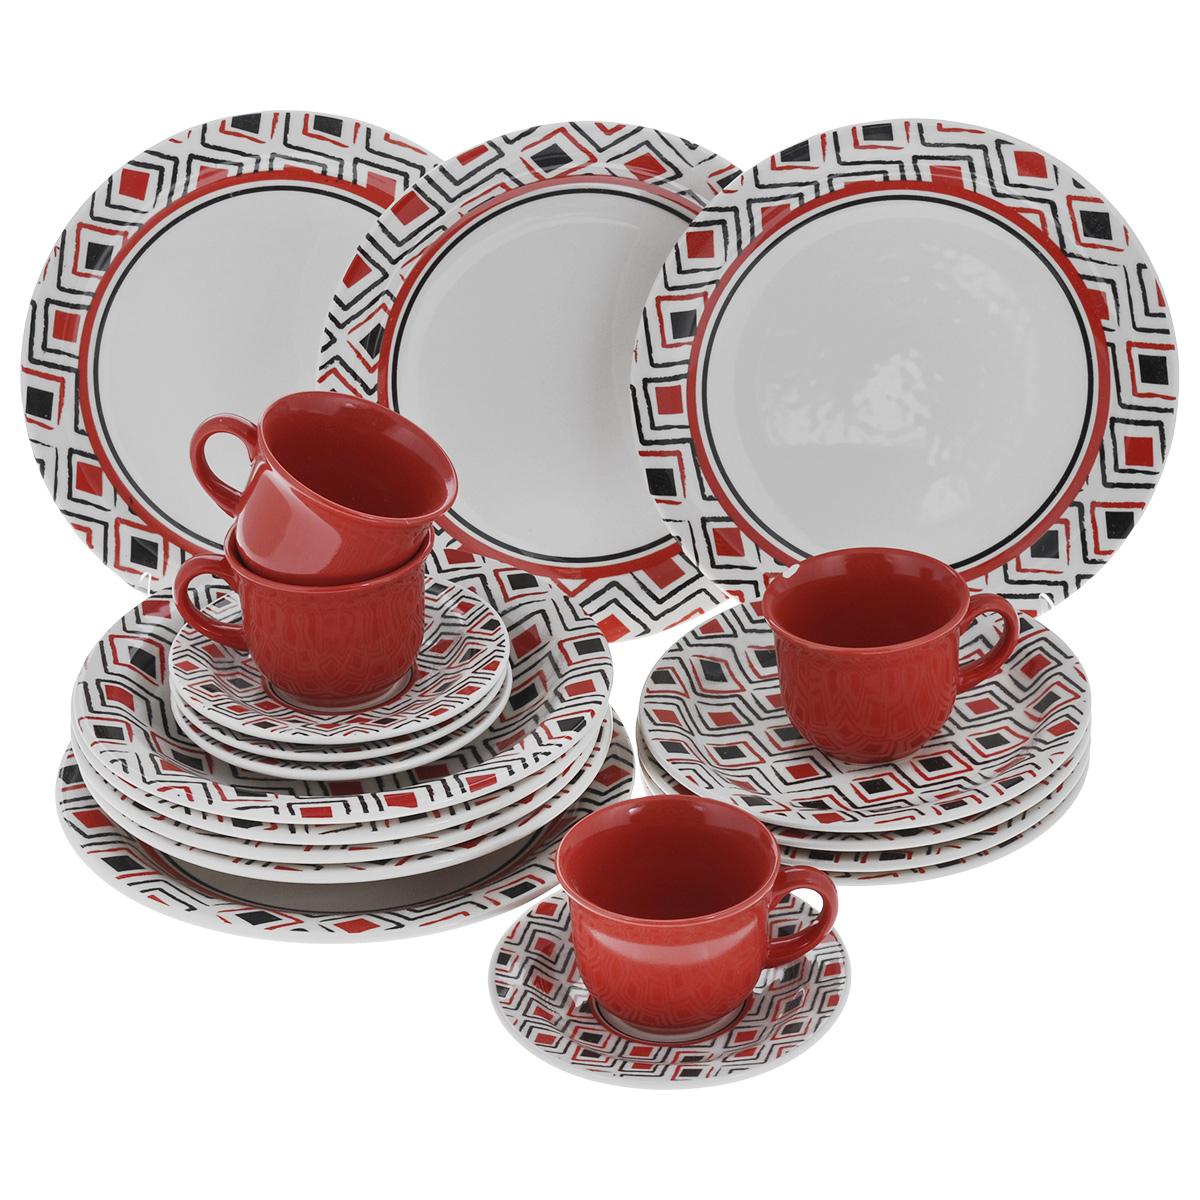 Набор столовый Biona Marajo, 20 предметов6752MARAJO-5Столовый набор Biona Marajo состоит из 4 обеденных тарелок, 4 суповых тарелок, 4 десертных тарелок, 4 блюдец и 4 кружек. Изделия выполнены из высококачественной экологически чистой керамики, которая изготавливается путем спекания глин с минеральными добавками. В качестве покрытия используется глазурь, что подтверждено сертификатами качества и соответствует всем международным санитарным нормам. Изделия оформлены красивым геометричным рисунком, который наносится исключительно вручную. Еще одной особенностью марки является использование экологически чистой упаковки - эксклюзивный деревянный ящик с соломой внутри. Посуда легко моется в посудомоечных машинах, термостойкая (пищу можно подогреть в микроволновой печи, в духовом шкафу). Диаметр обеденной тарелки: 26 см. Диаметр суповой тарелки: 23 см. Диаметр десертной тарелки: 20 см. Диаметр блюдца: 15 см. Объем чашки: 200 мл. Диаметр чашки (по верхнему краю): 9 см. Высота чашки: 7 см.